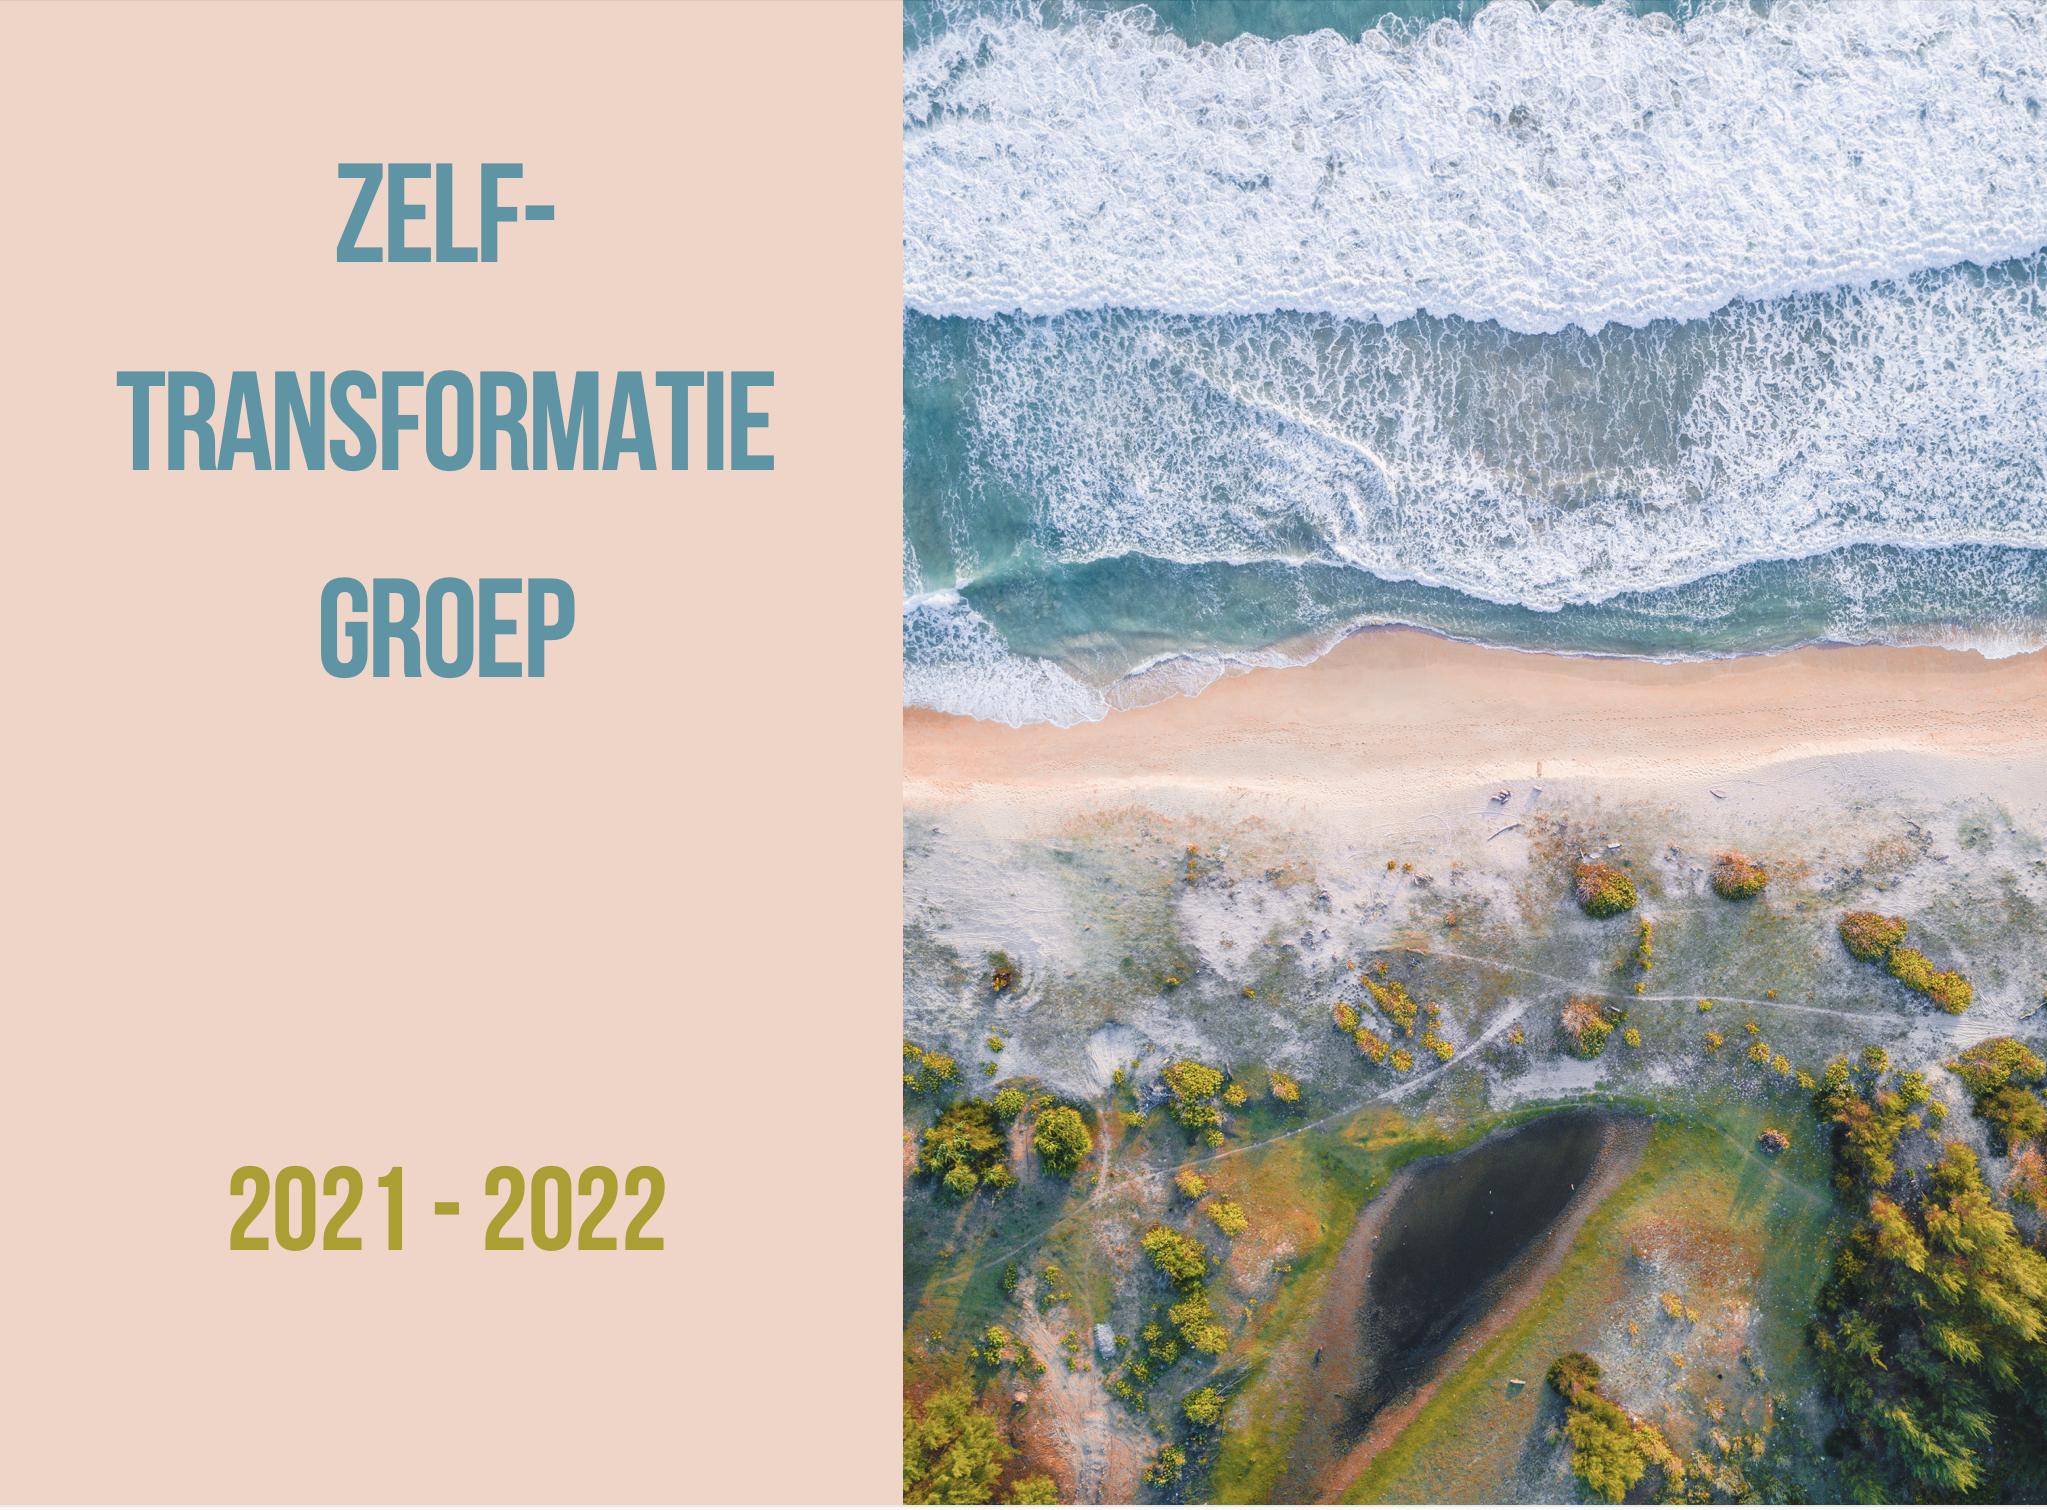 Zelf-Transformatie Groep 2021-2022